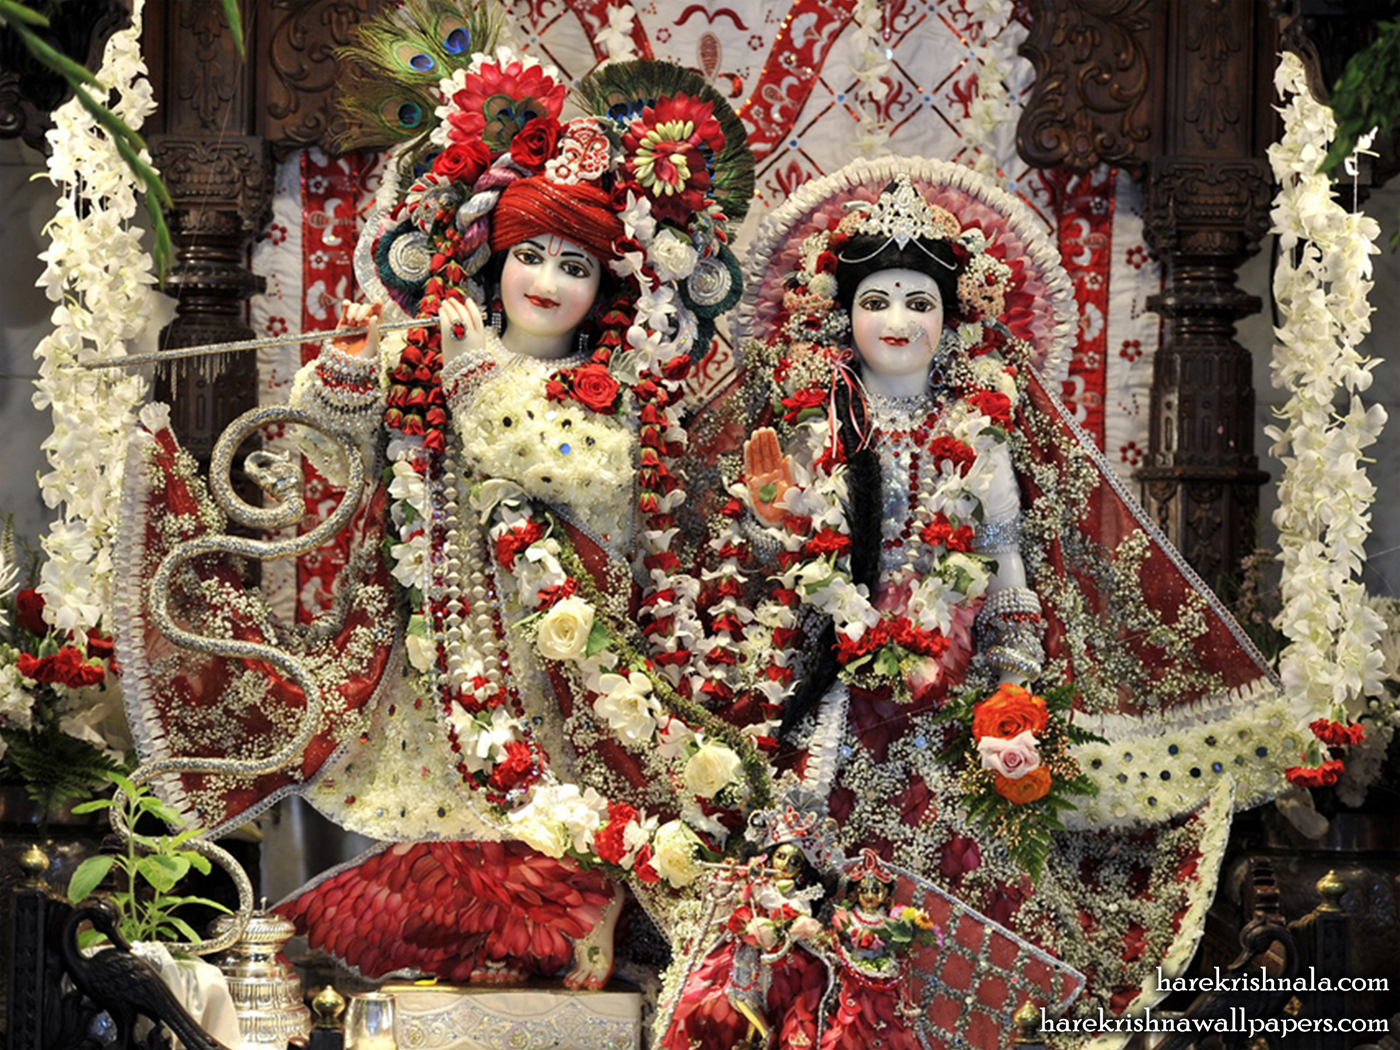 Sri Sri Rukmini Dwarkadhish Wallpaper (010) Size 1400x1050 Download